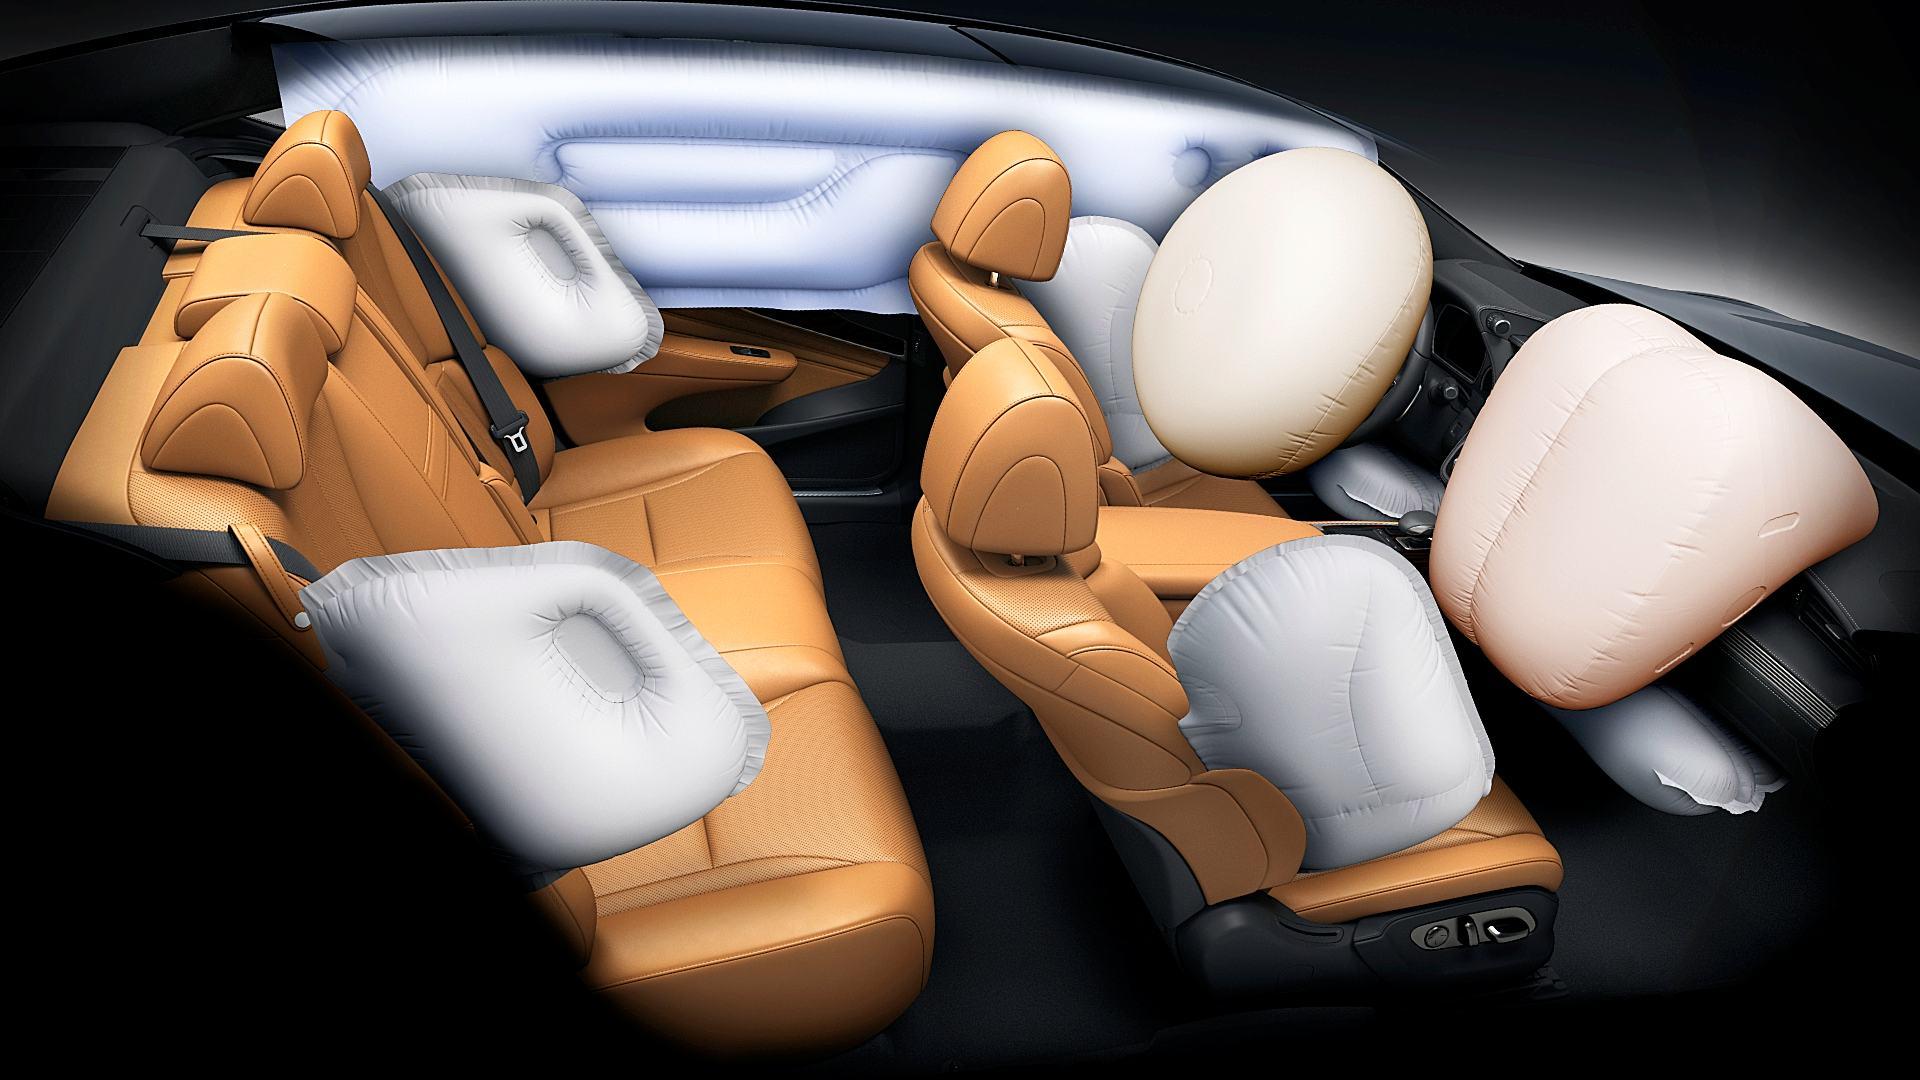 2021 Lexus LS Car Airbag Pictures